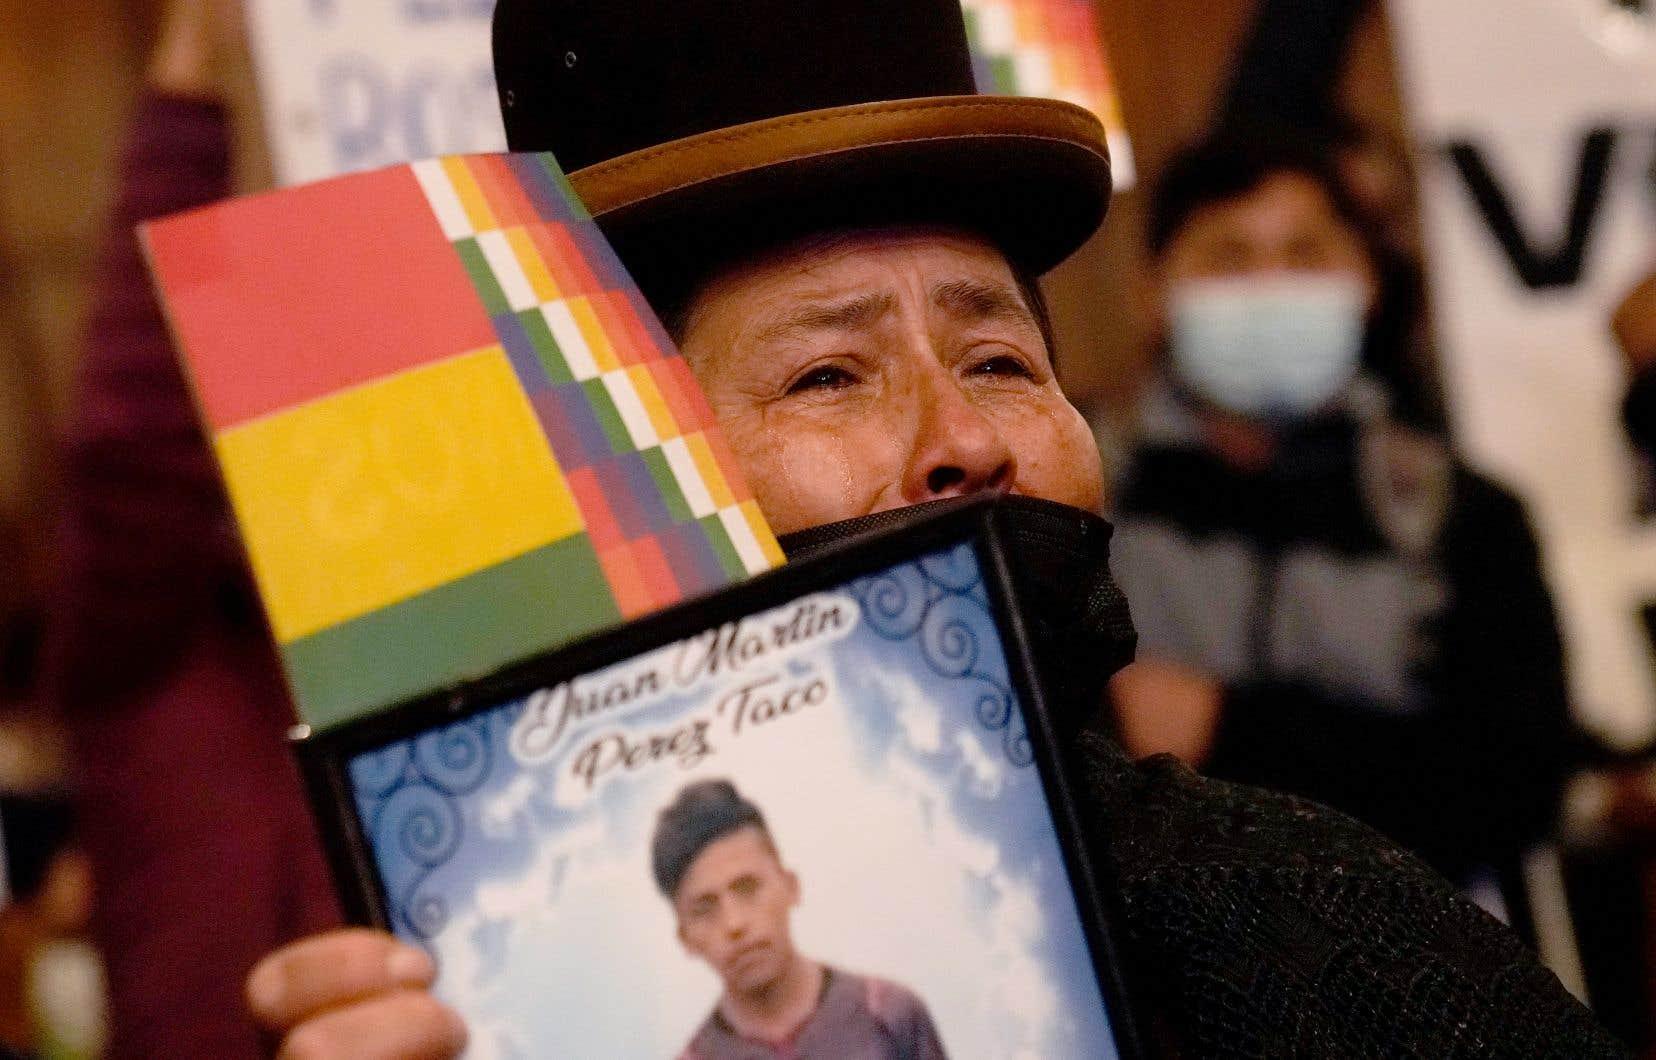 Une femme manifestait à La Paz mardi, portrait à la main d'un proche mort dans les violences.